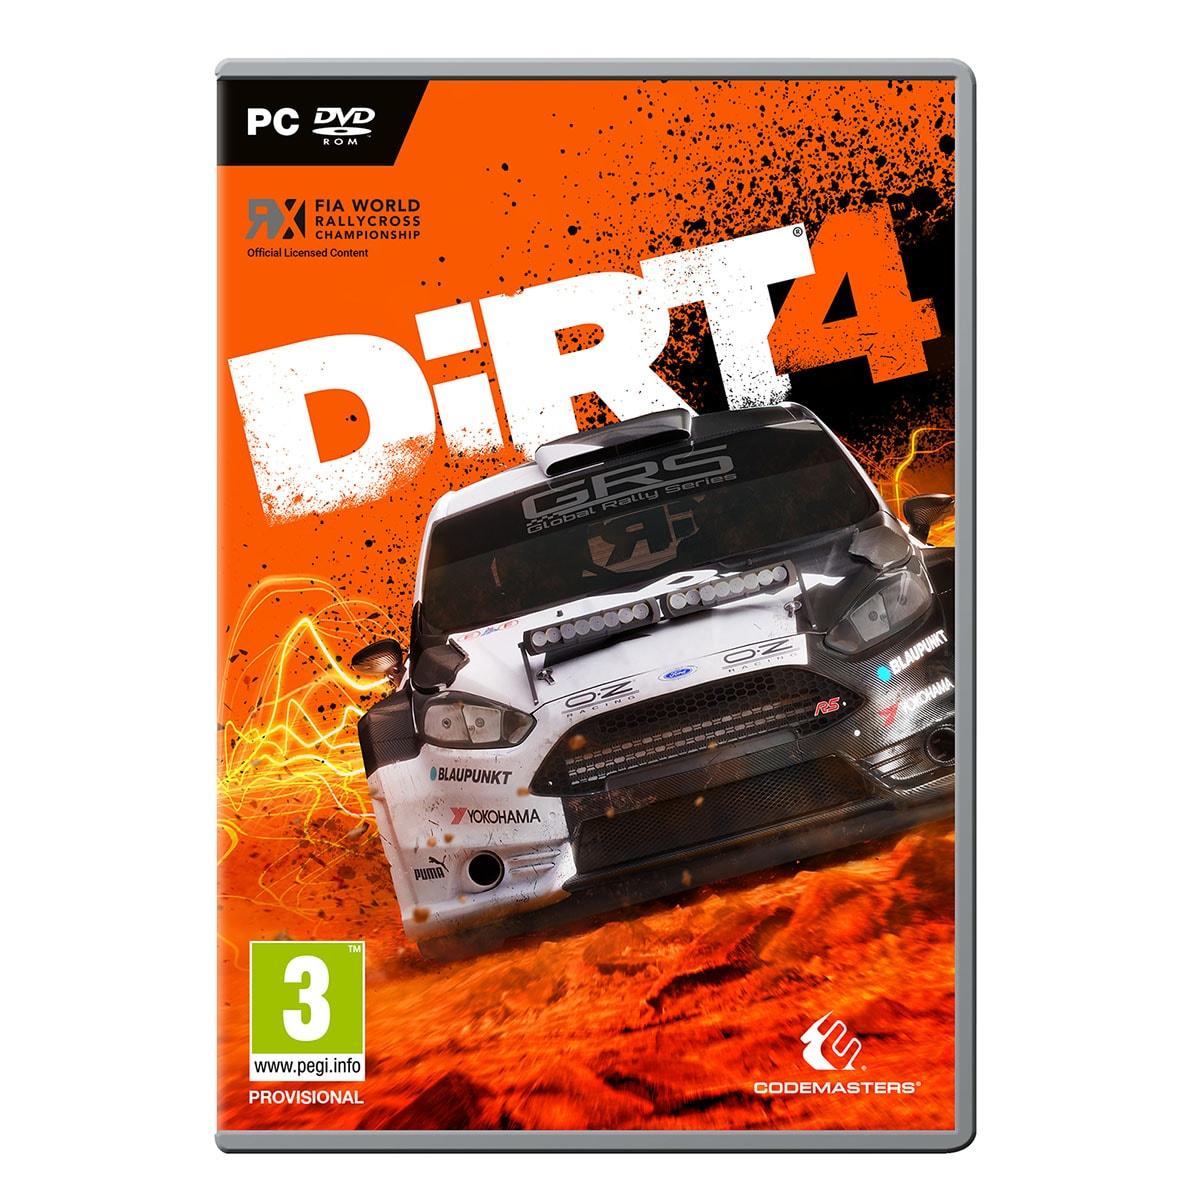 Codemasters DIRT 4 pour PC (79408 ** ) - Achat / Vente Jeux video sur Cybertek.fr - 0